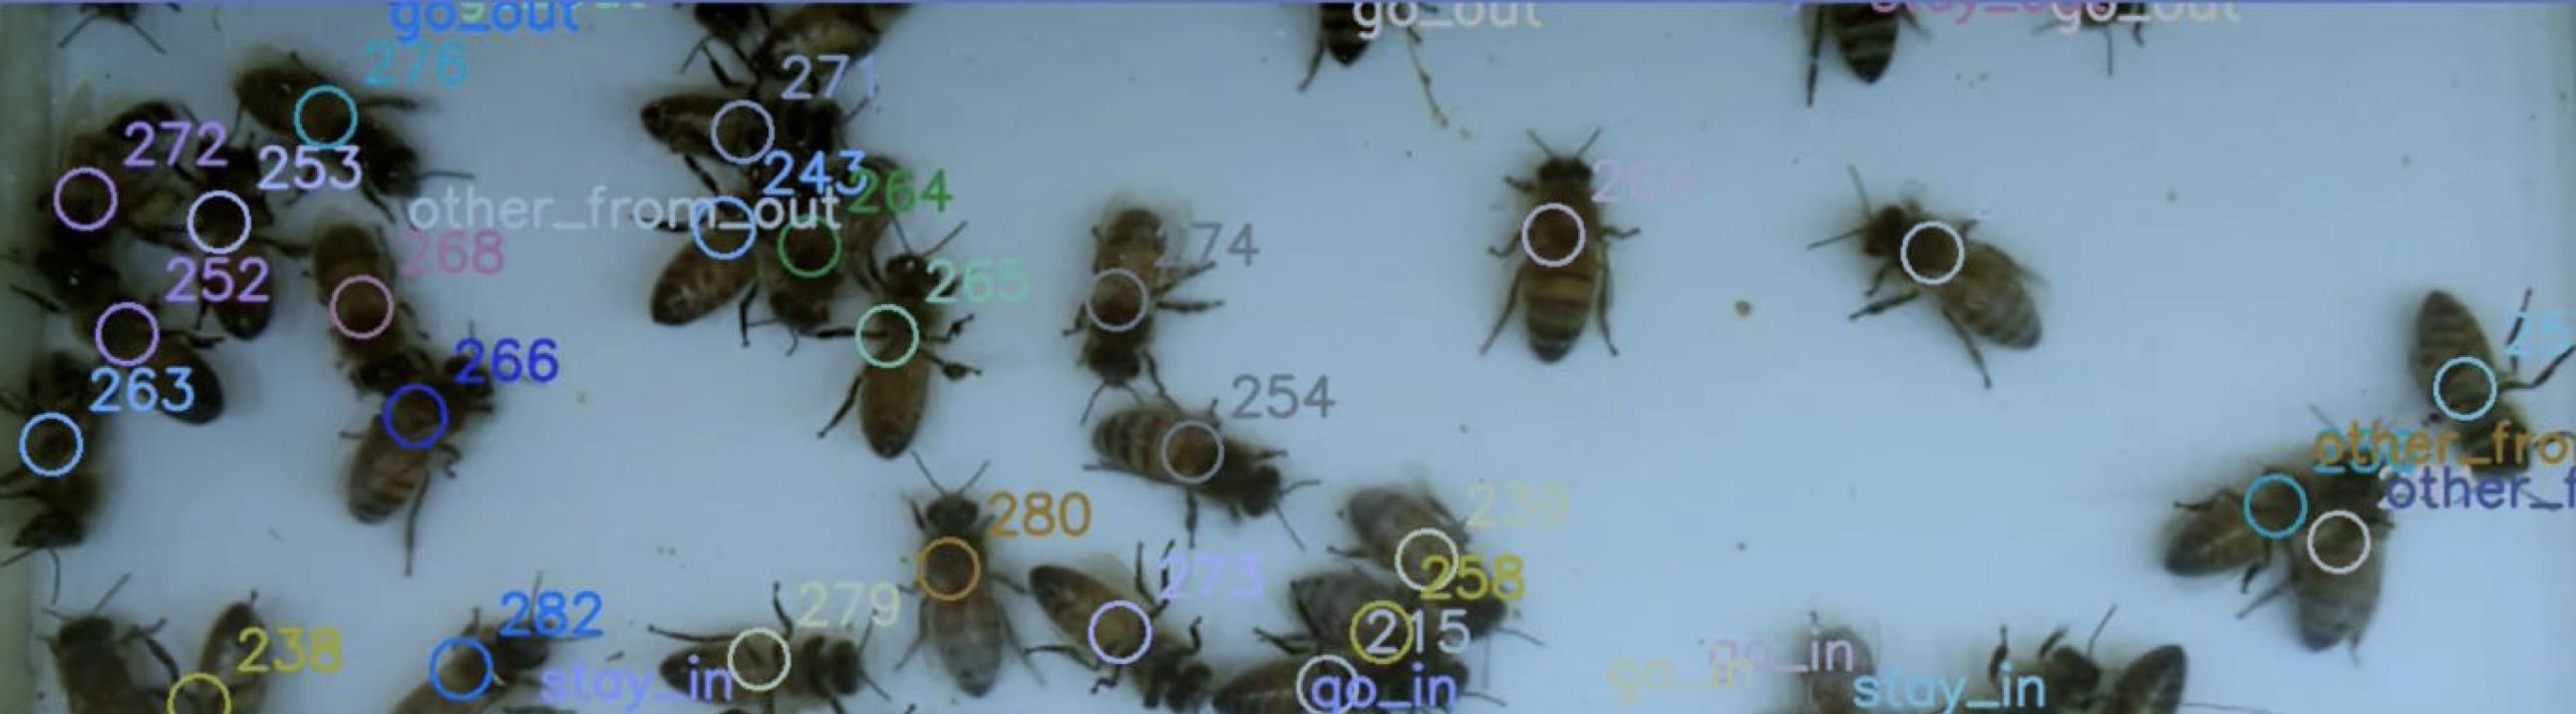 Innovation : BeeGuard compte les abeilles par vidéo embarquée